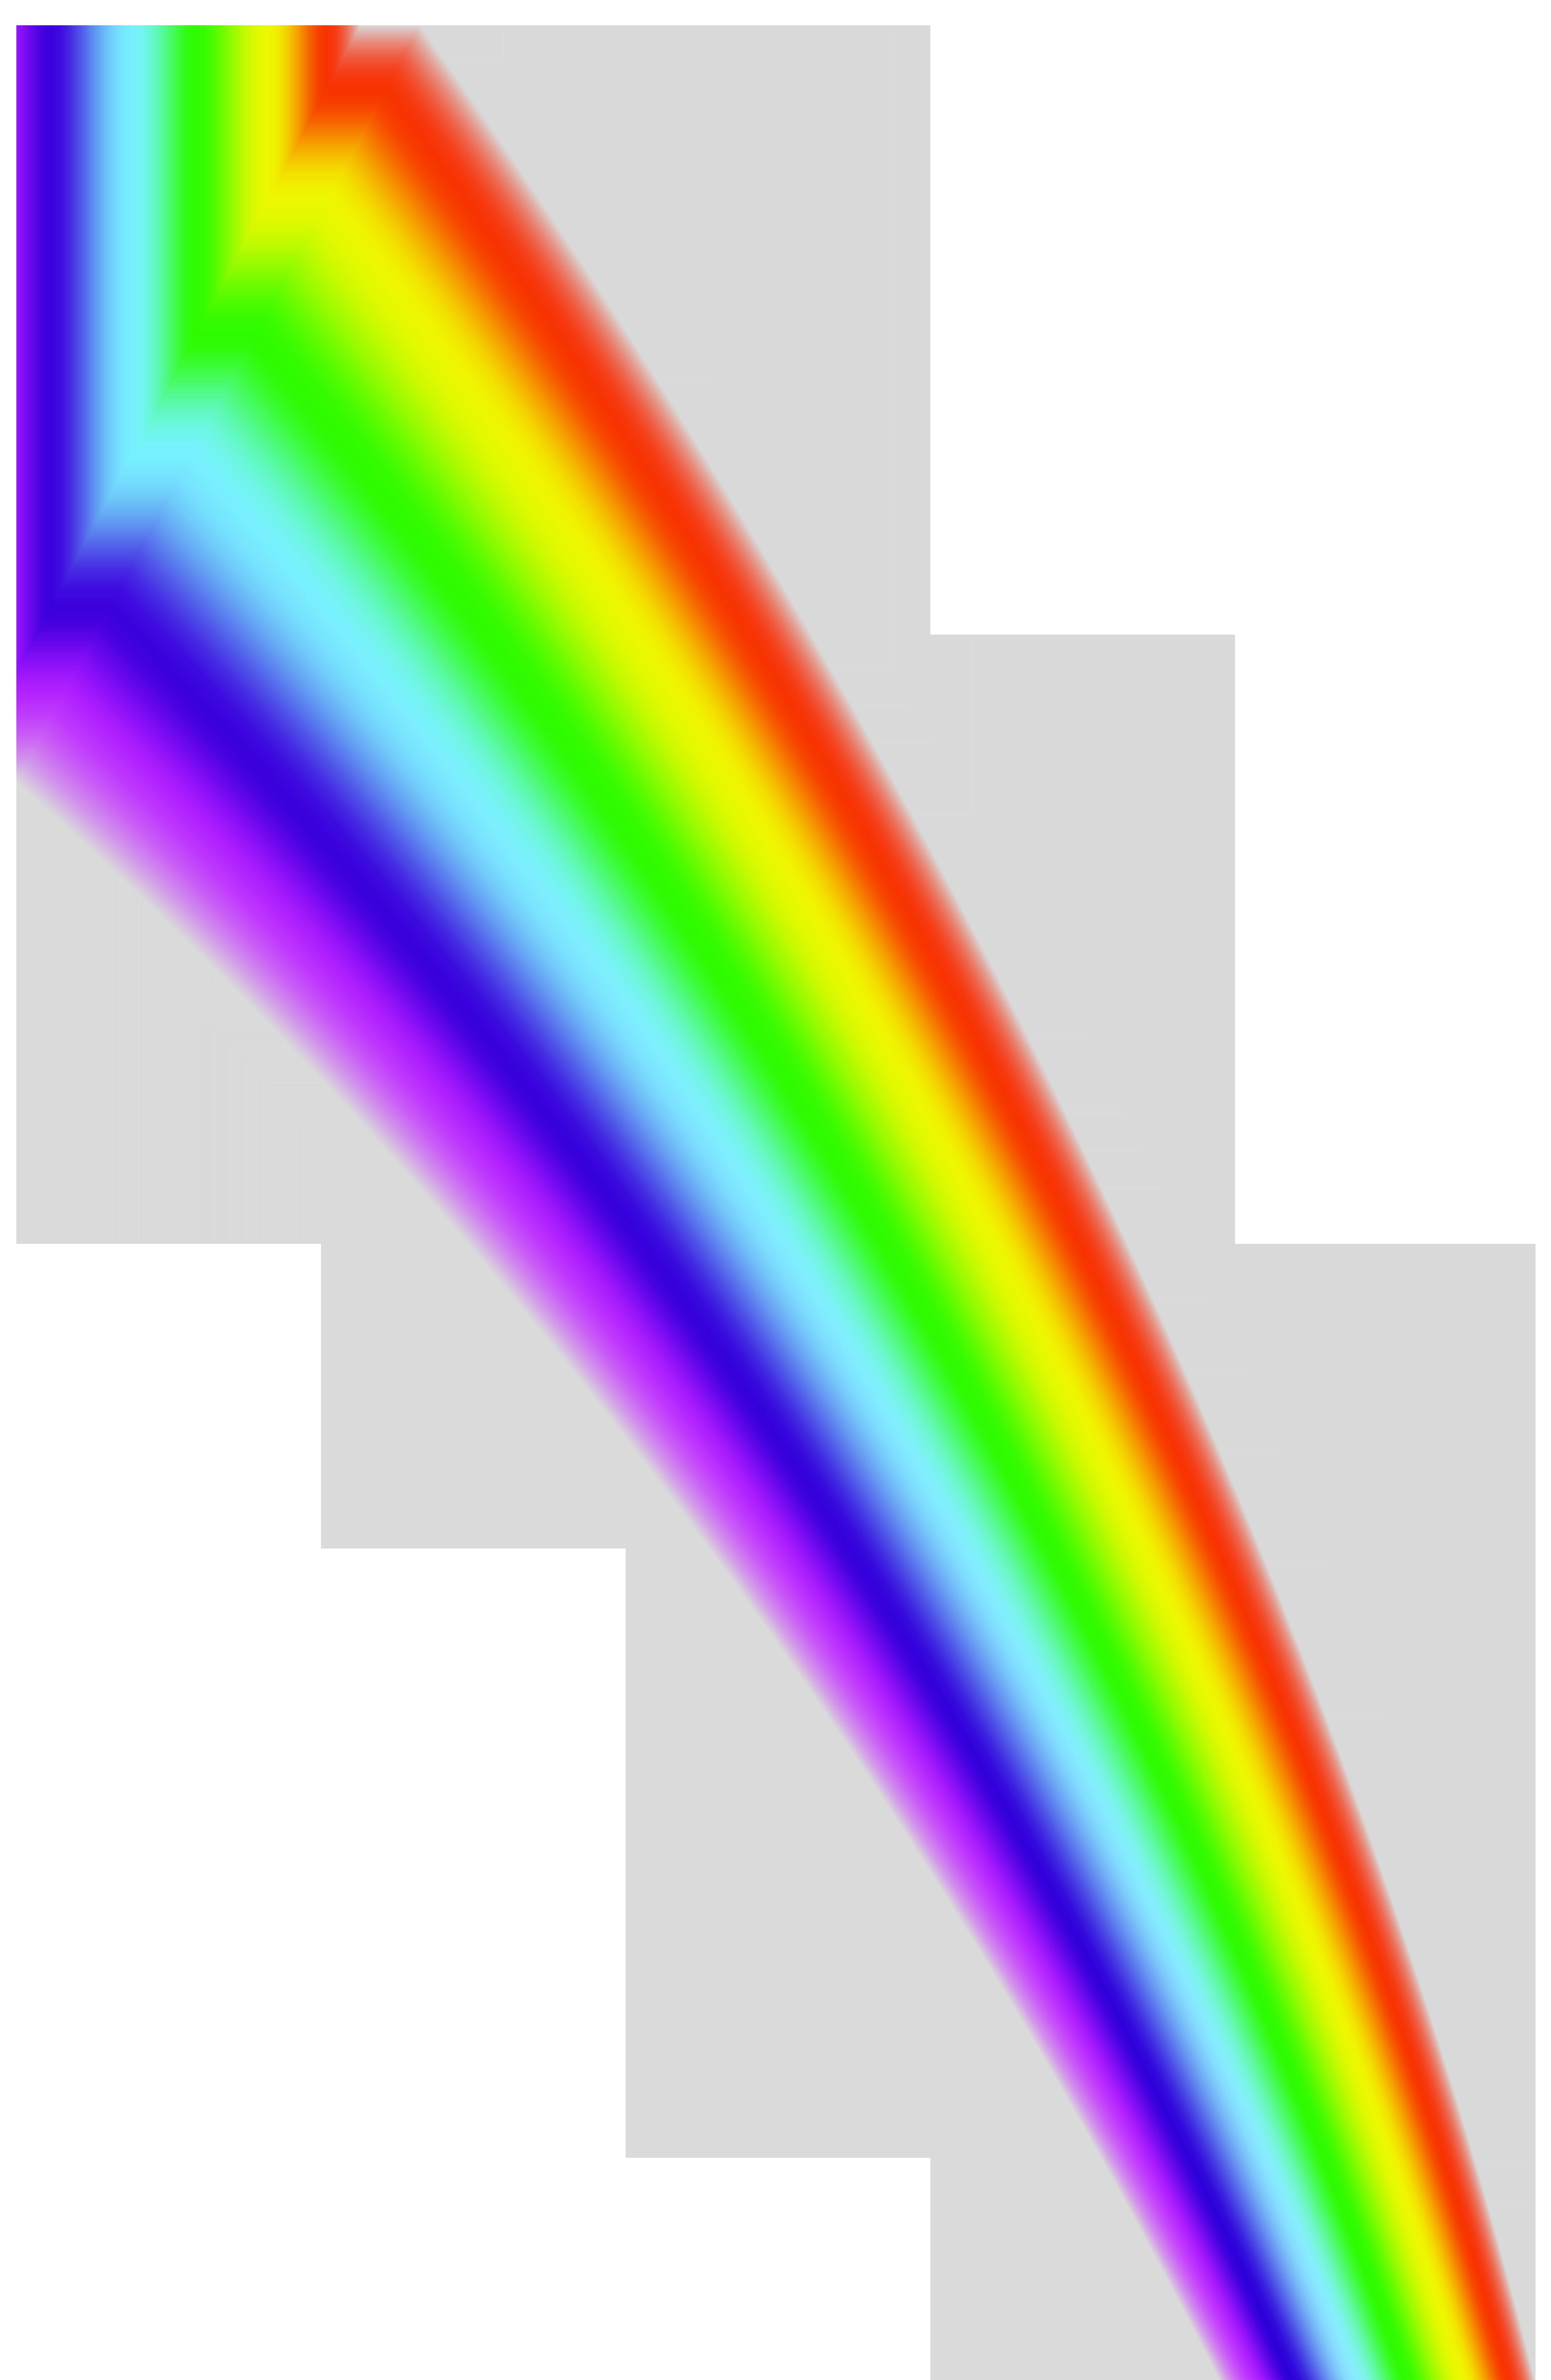 Rainbow Line Transparent PNG Clip Art Image.